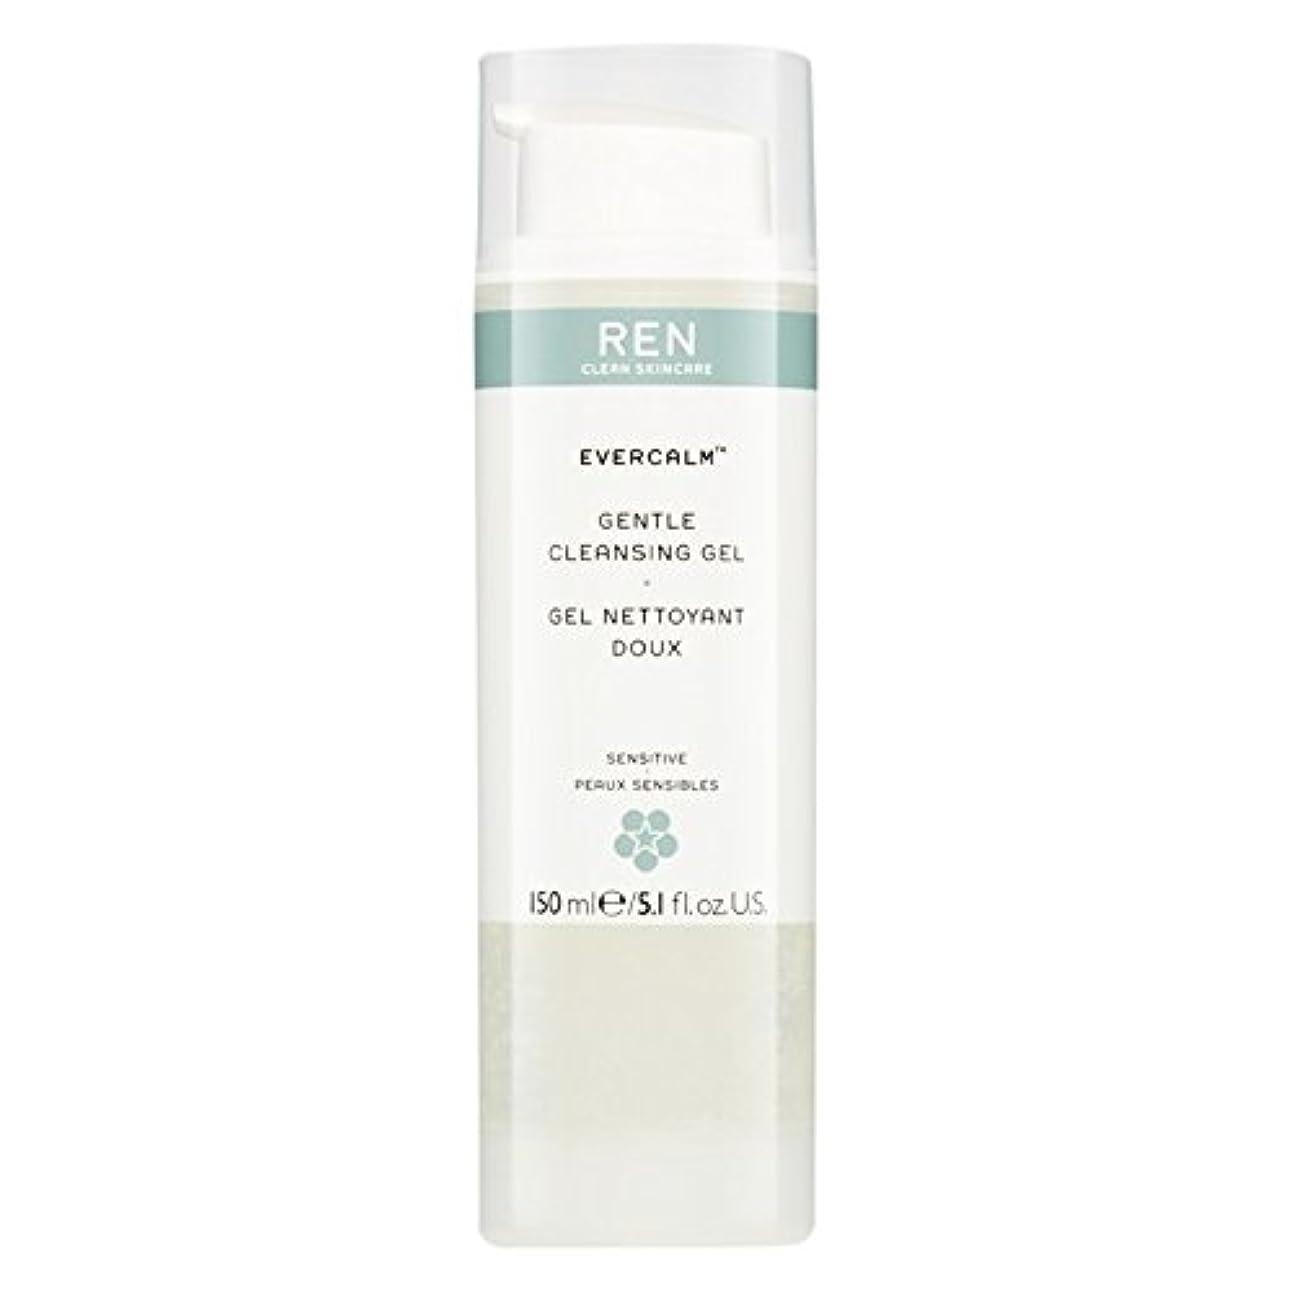 溶岩慢カエルRen Evercalm優しいクレンジングジェル、150ミリリットル (REN) (x2) - REN Evercalm Gentle Cleansing Gel, 150ml (Pack of 2) [並行輸入品]